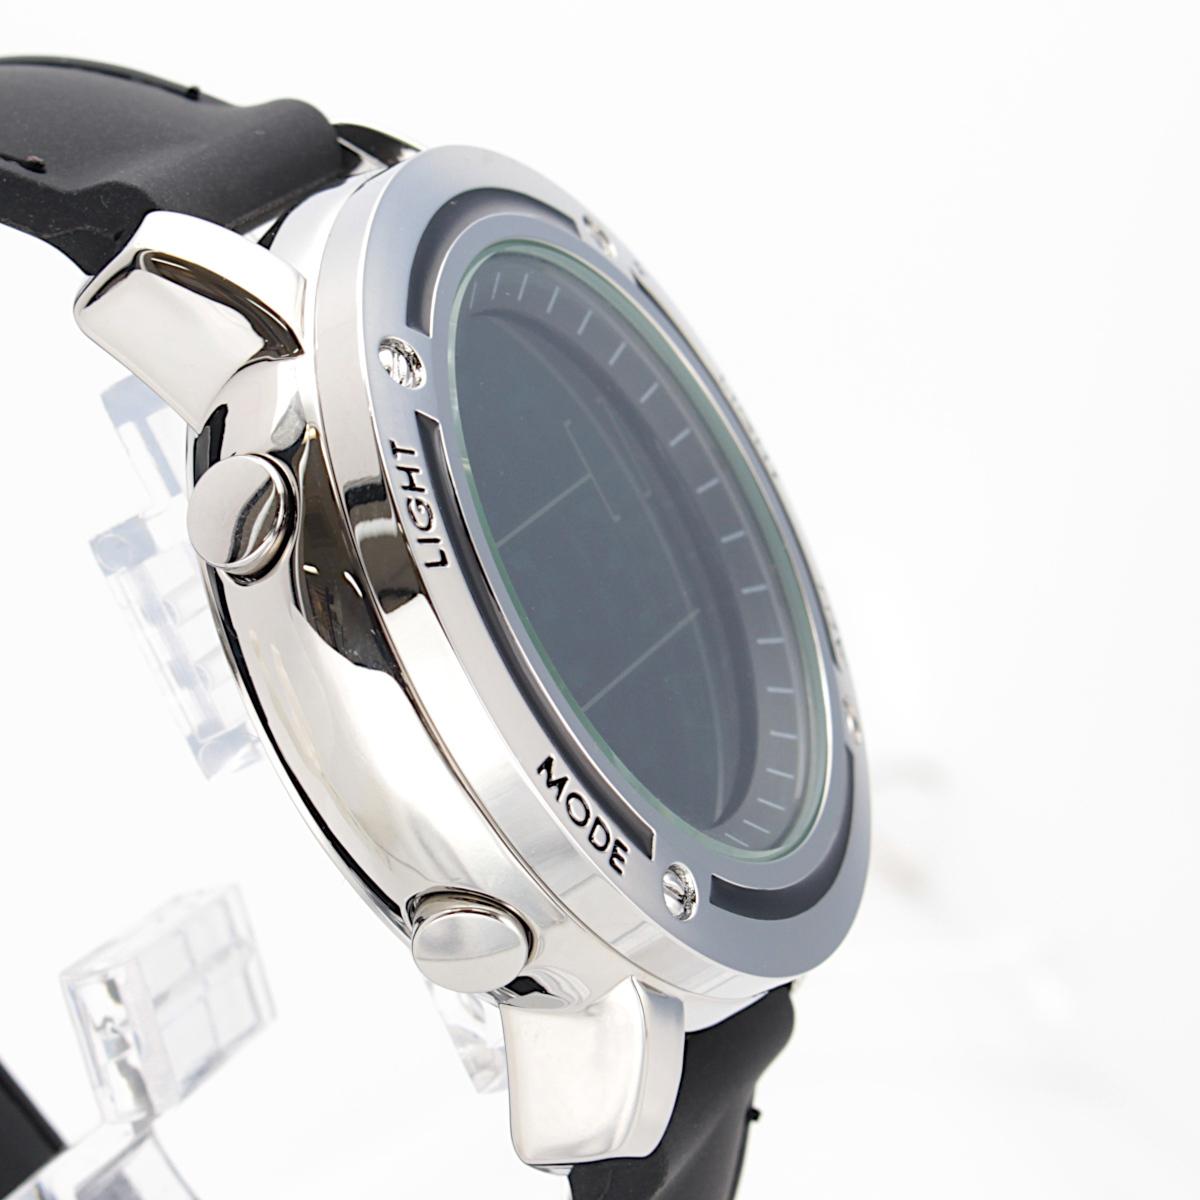 【1円開始】画面がでかくて見やすい!! 目に優しい腕時計! 今の腕時計が小さすぎて不満がある方必見!DWG WATCH メンズ 腕時計 / N0660_画像3